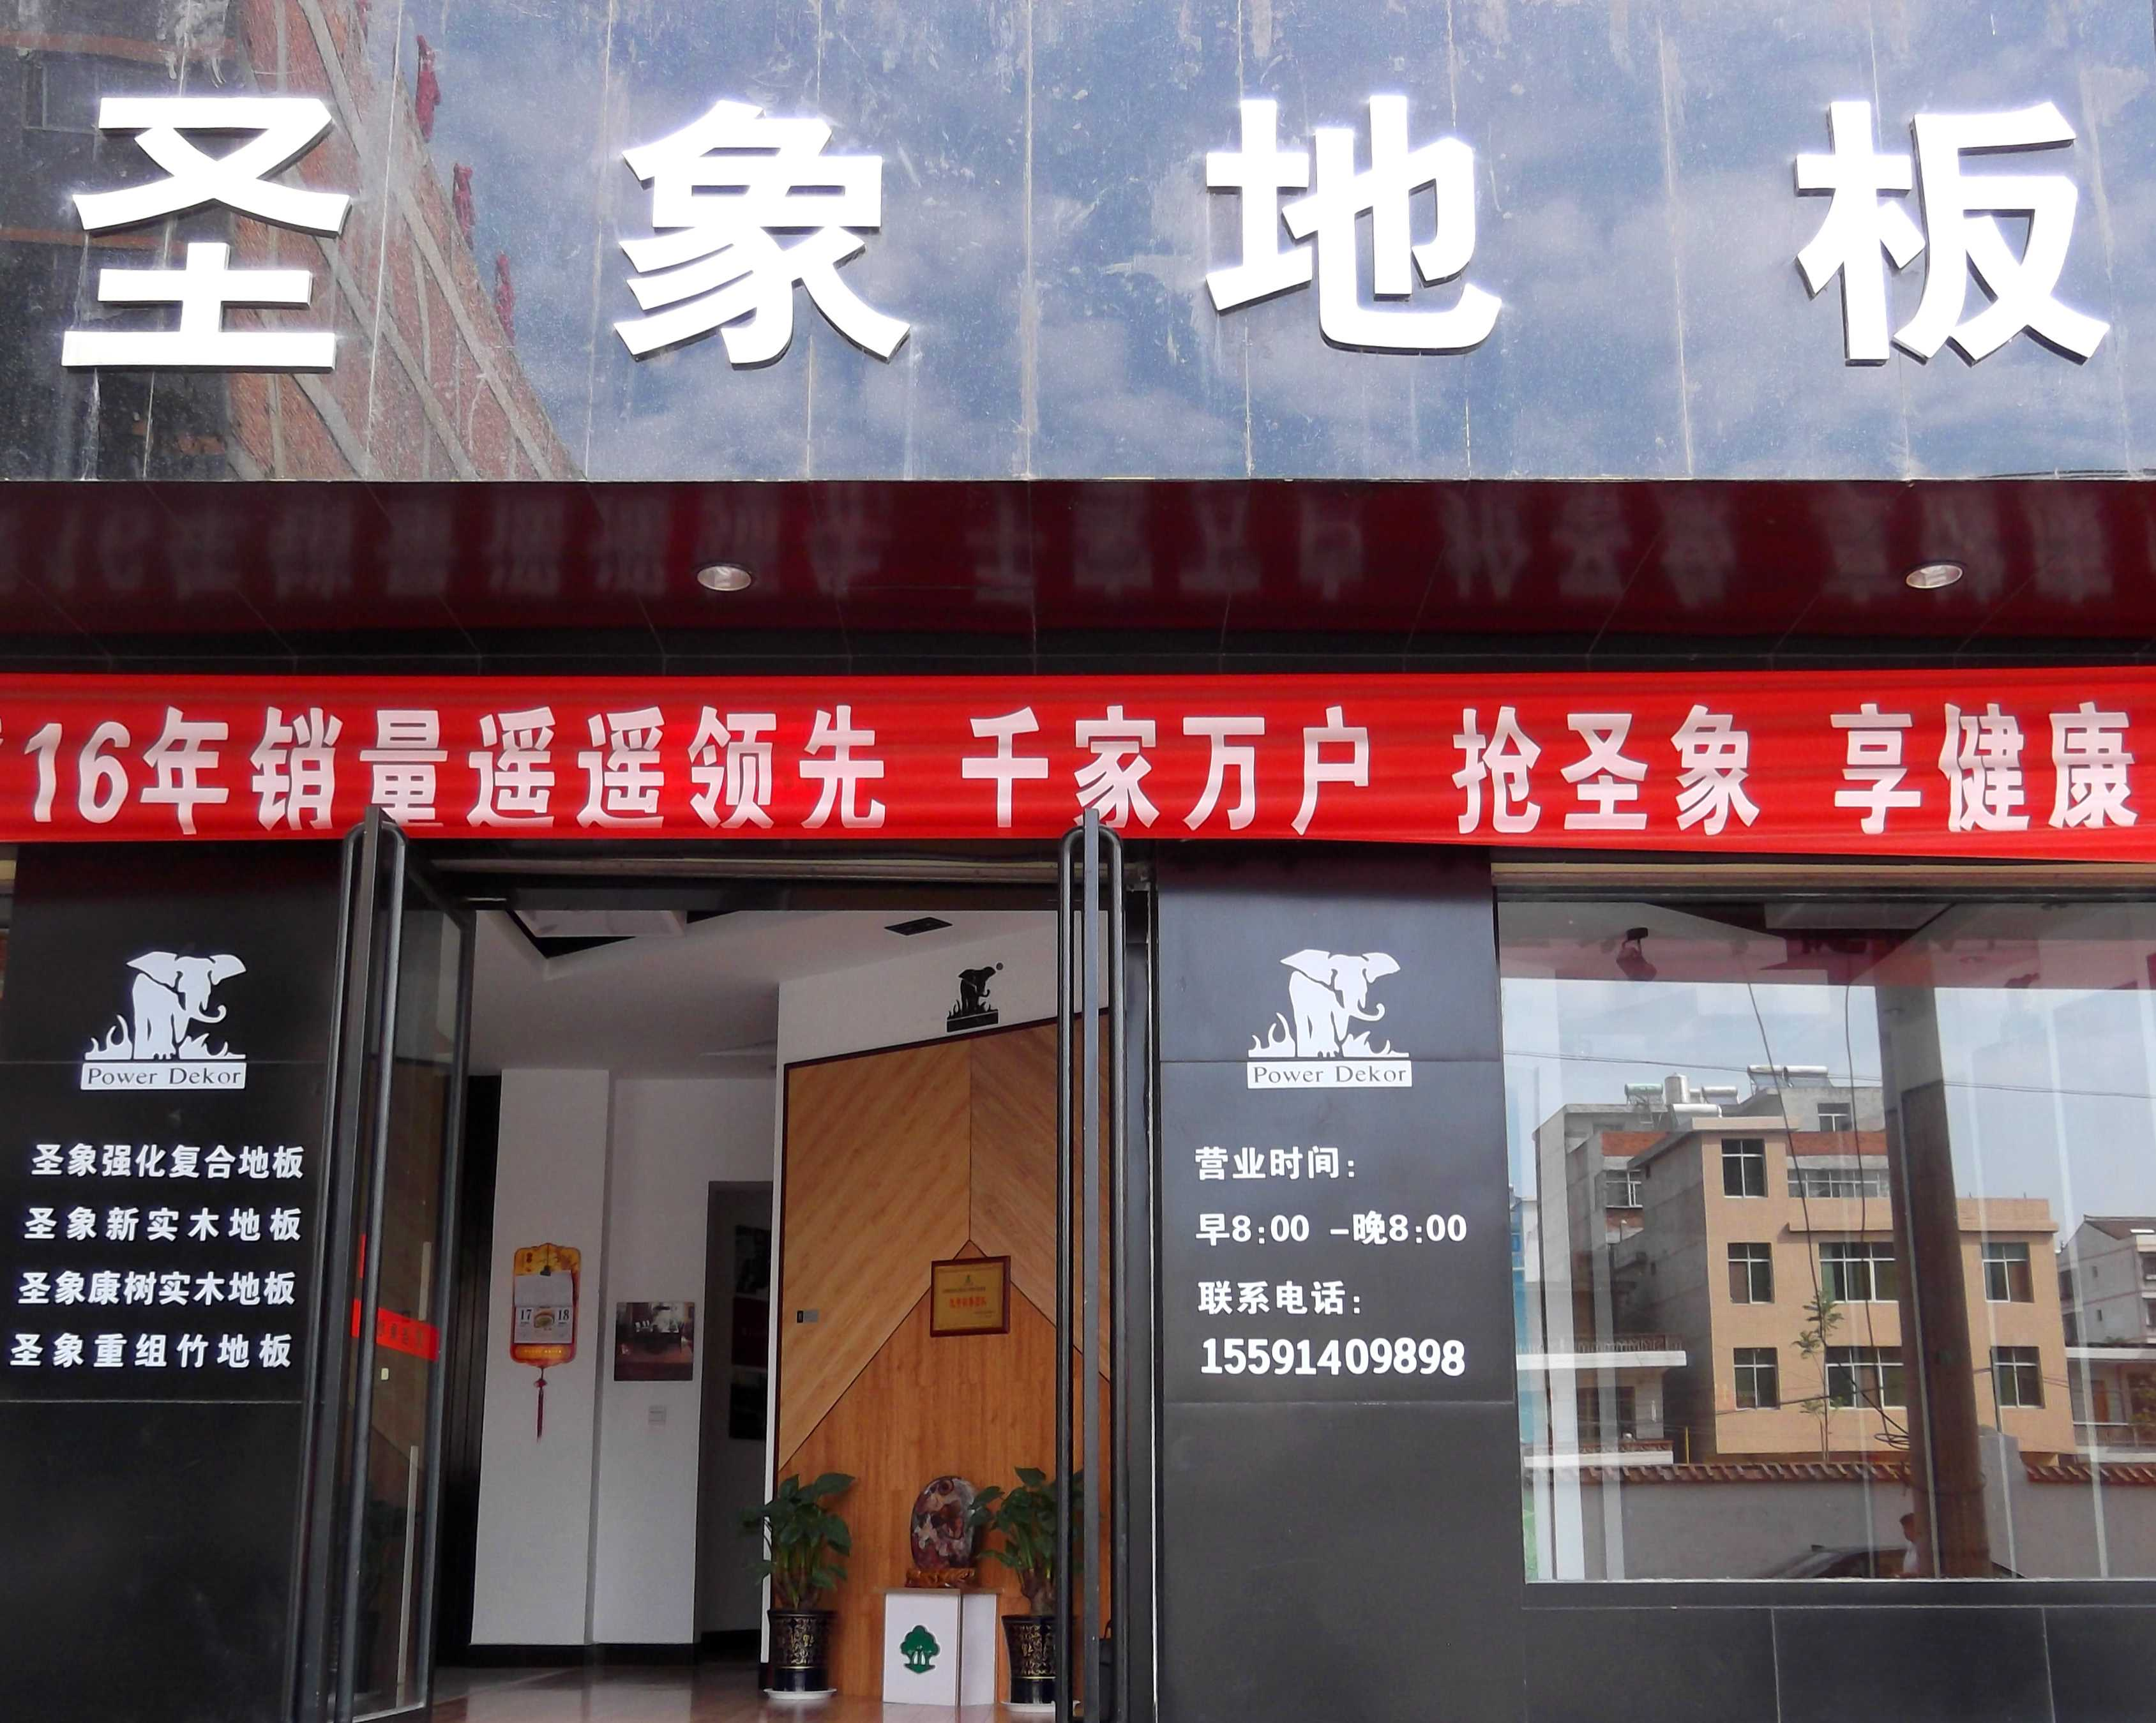 山阳县圣象木地板专卖店;; 西青圣象地板专卖店;